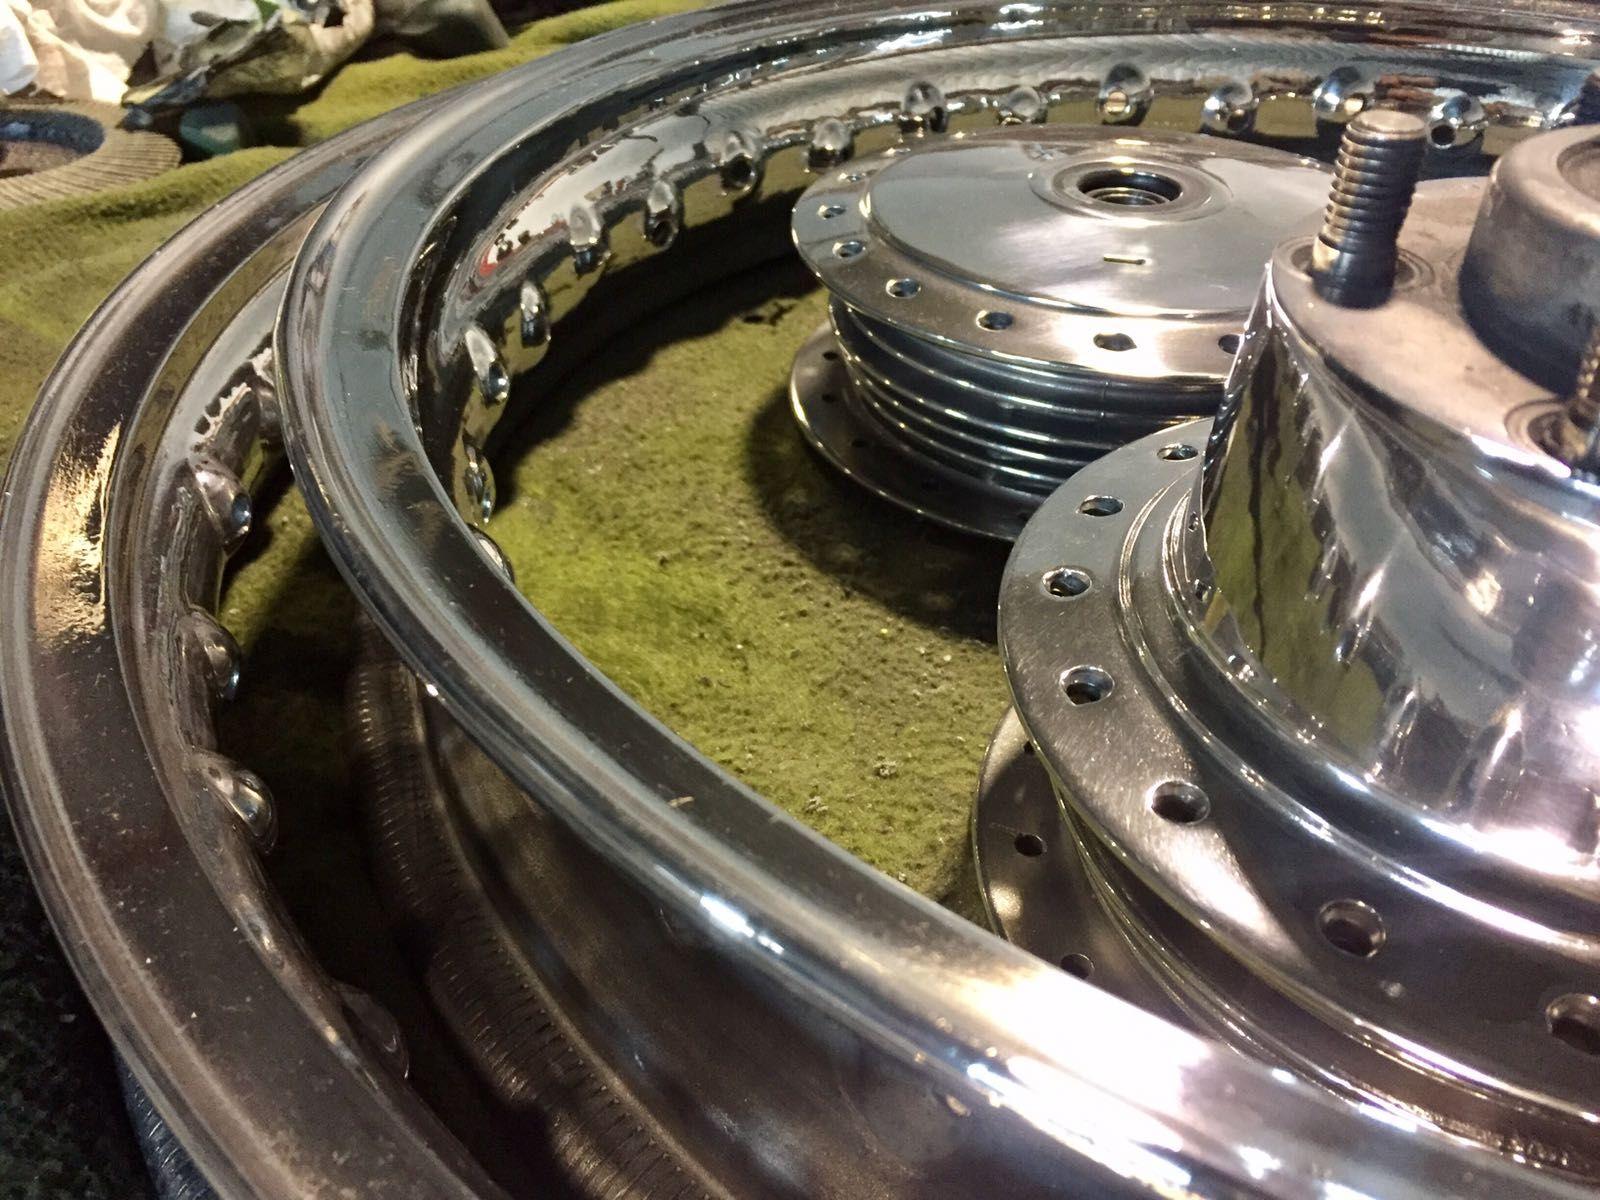 Radiado de llantas: Productos de Moto Restauración SG